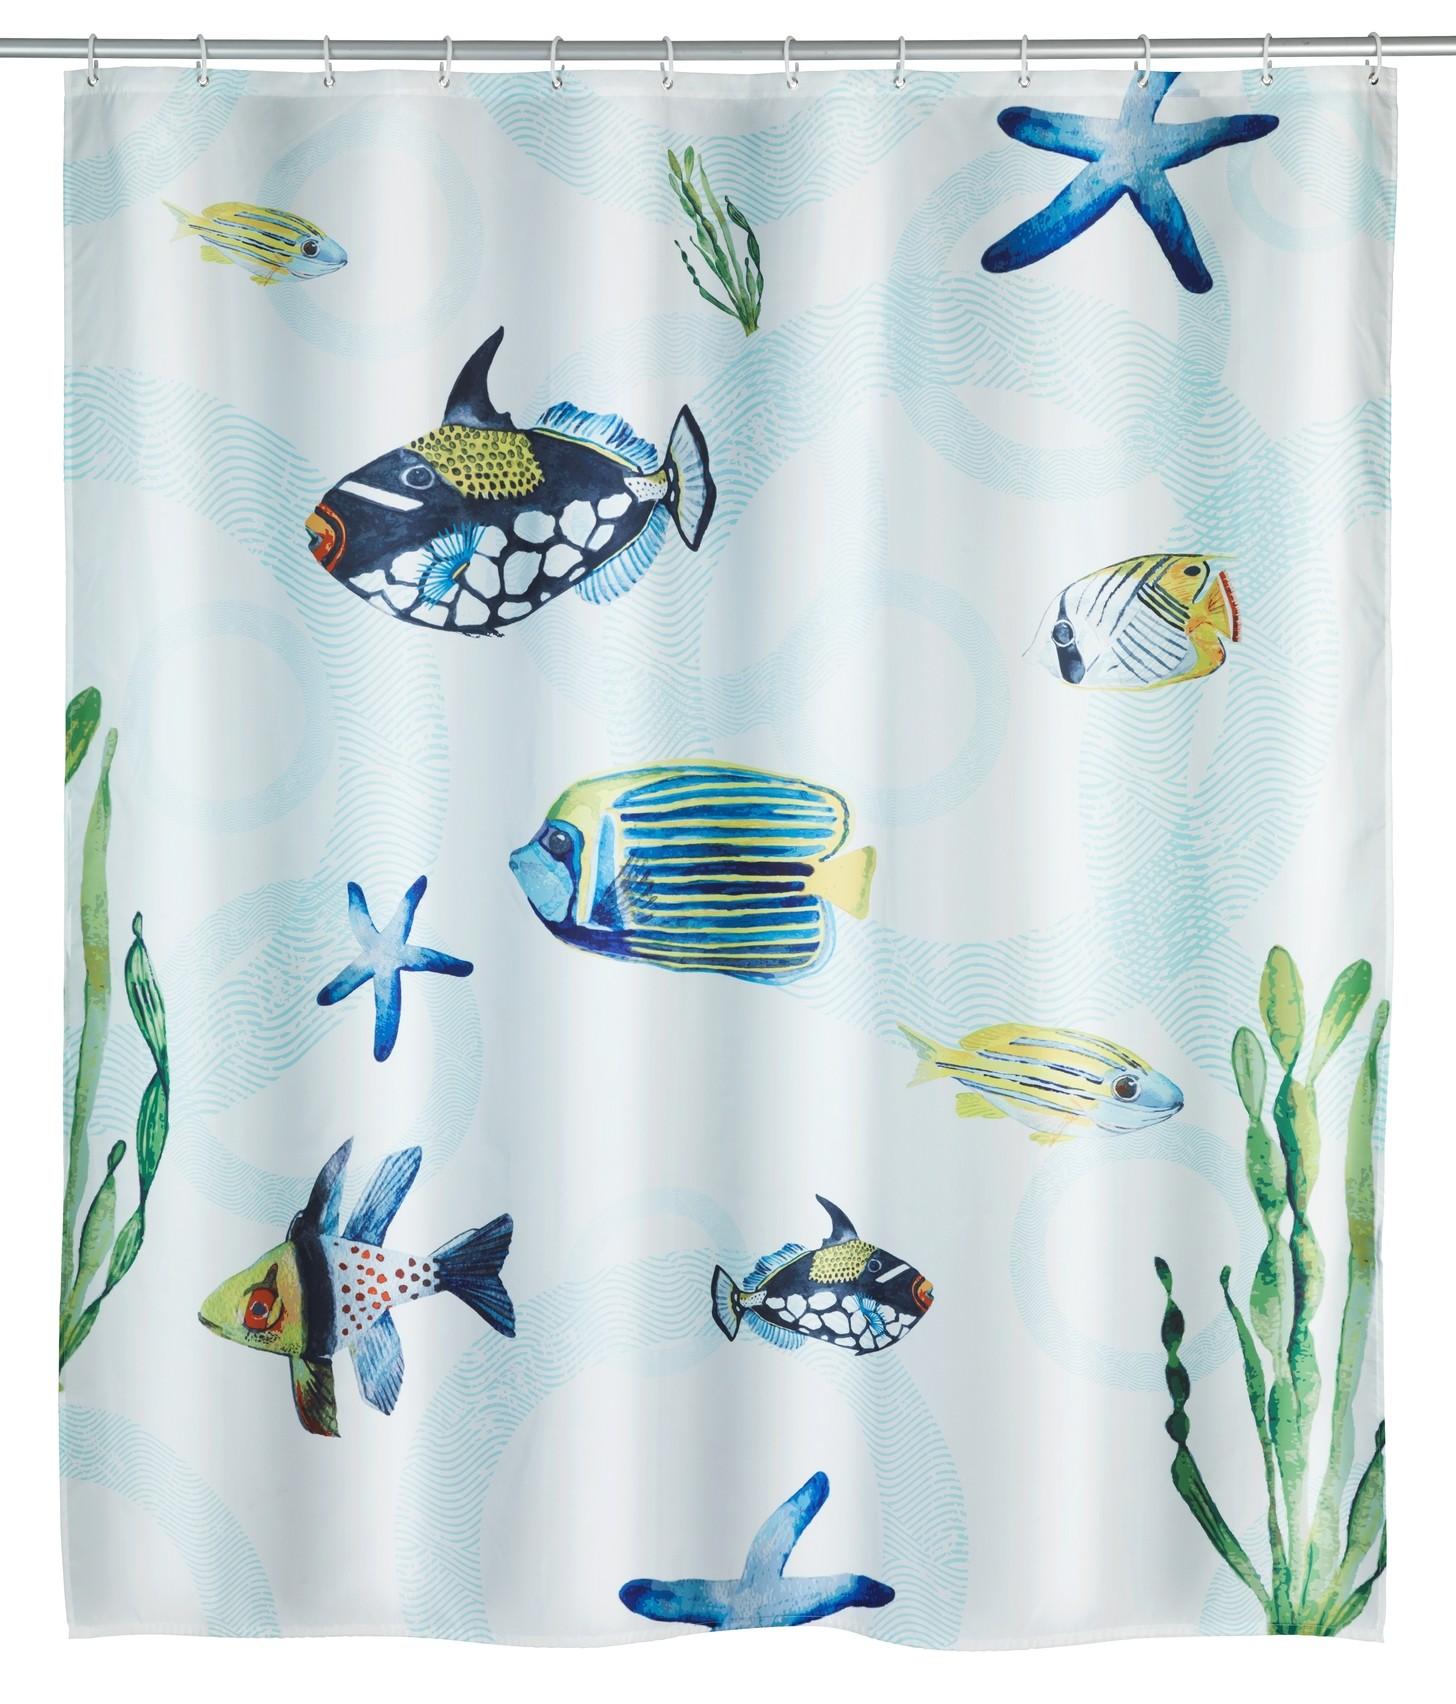 Wenko Duschvorhang Aquaria, Polyester, 180 x 200 cm, waschbar